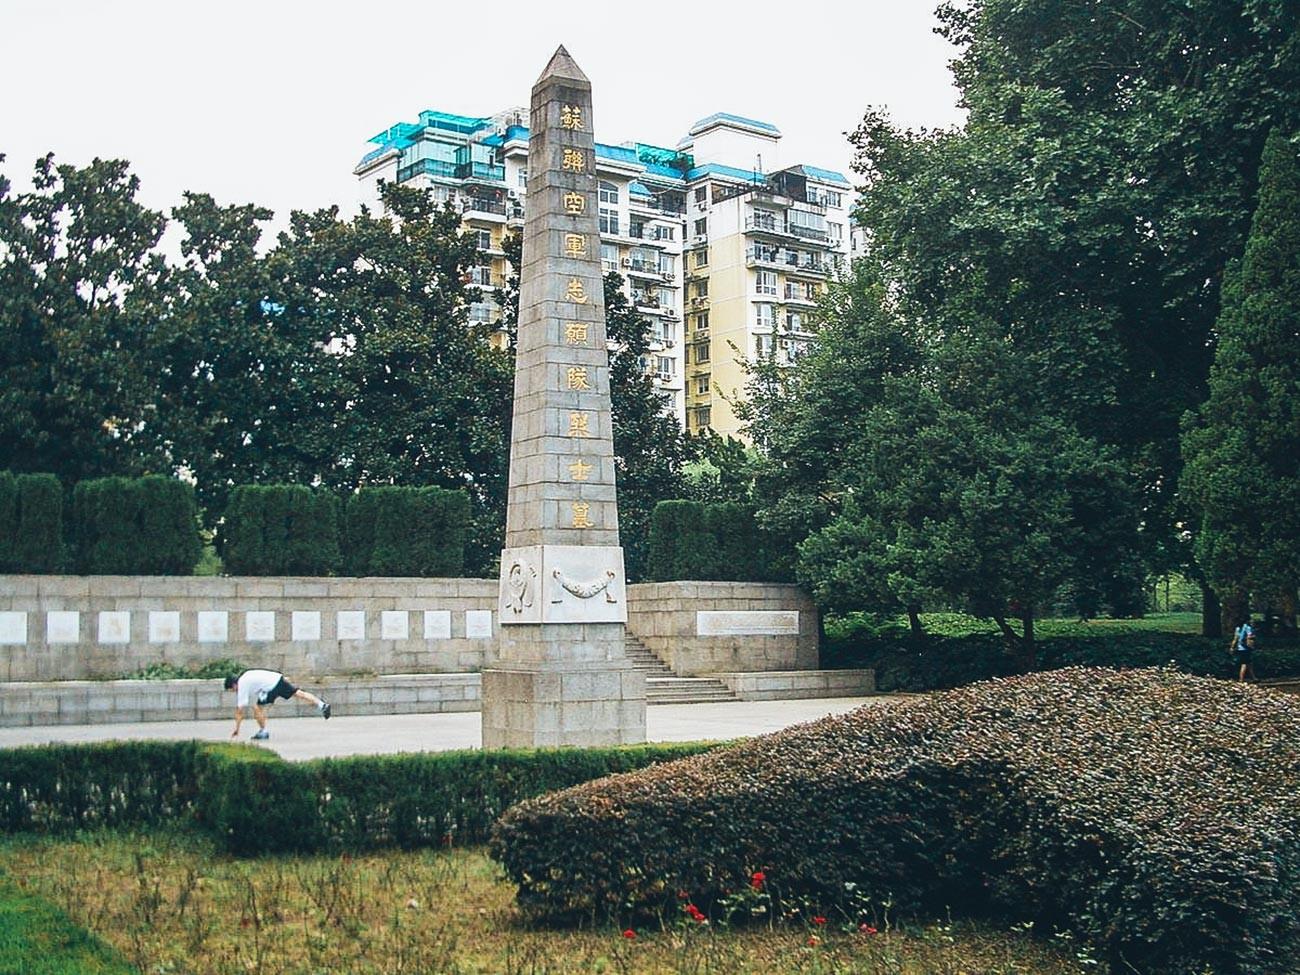 Spomenik na groblju sovjetskih pilota koji su poginuli u borbama kineskog naroda protiv japanskih osvajača 1938. (Park Jiefang, Hankou, Wuhan).